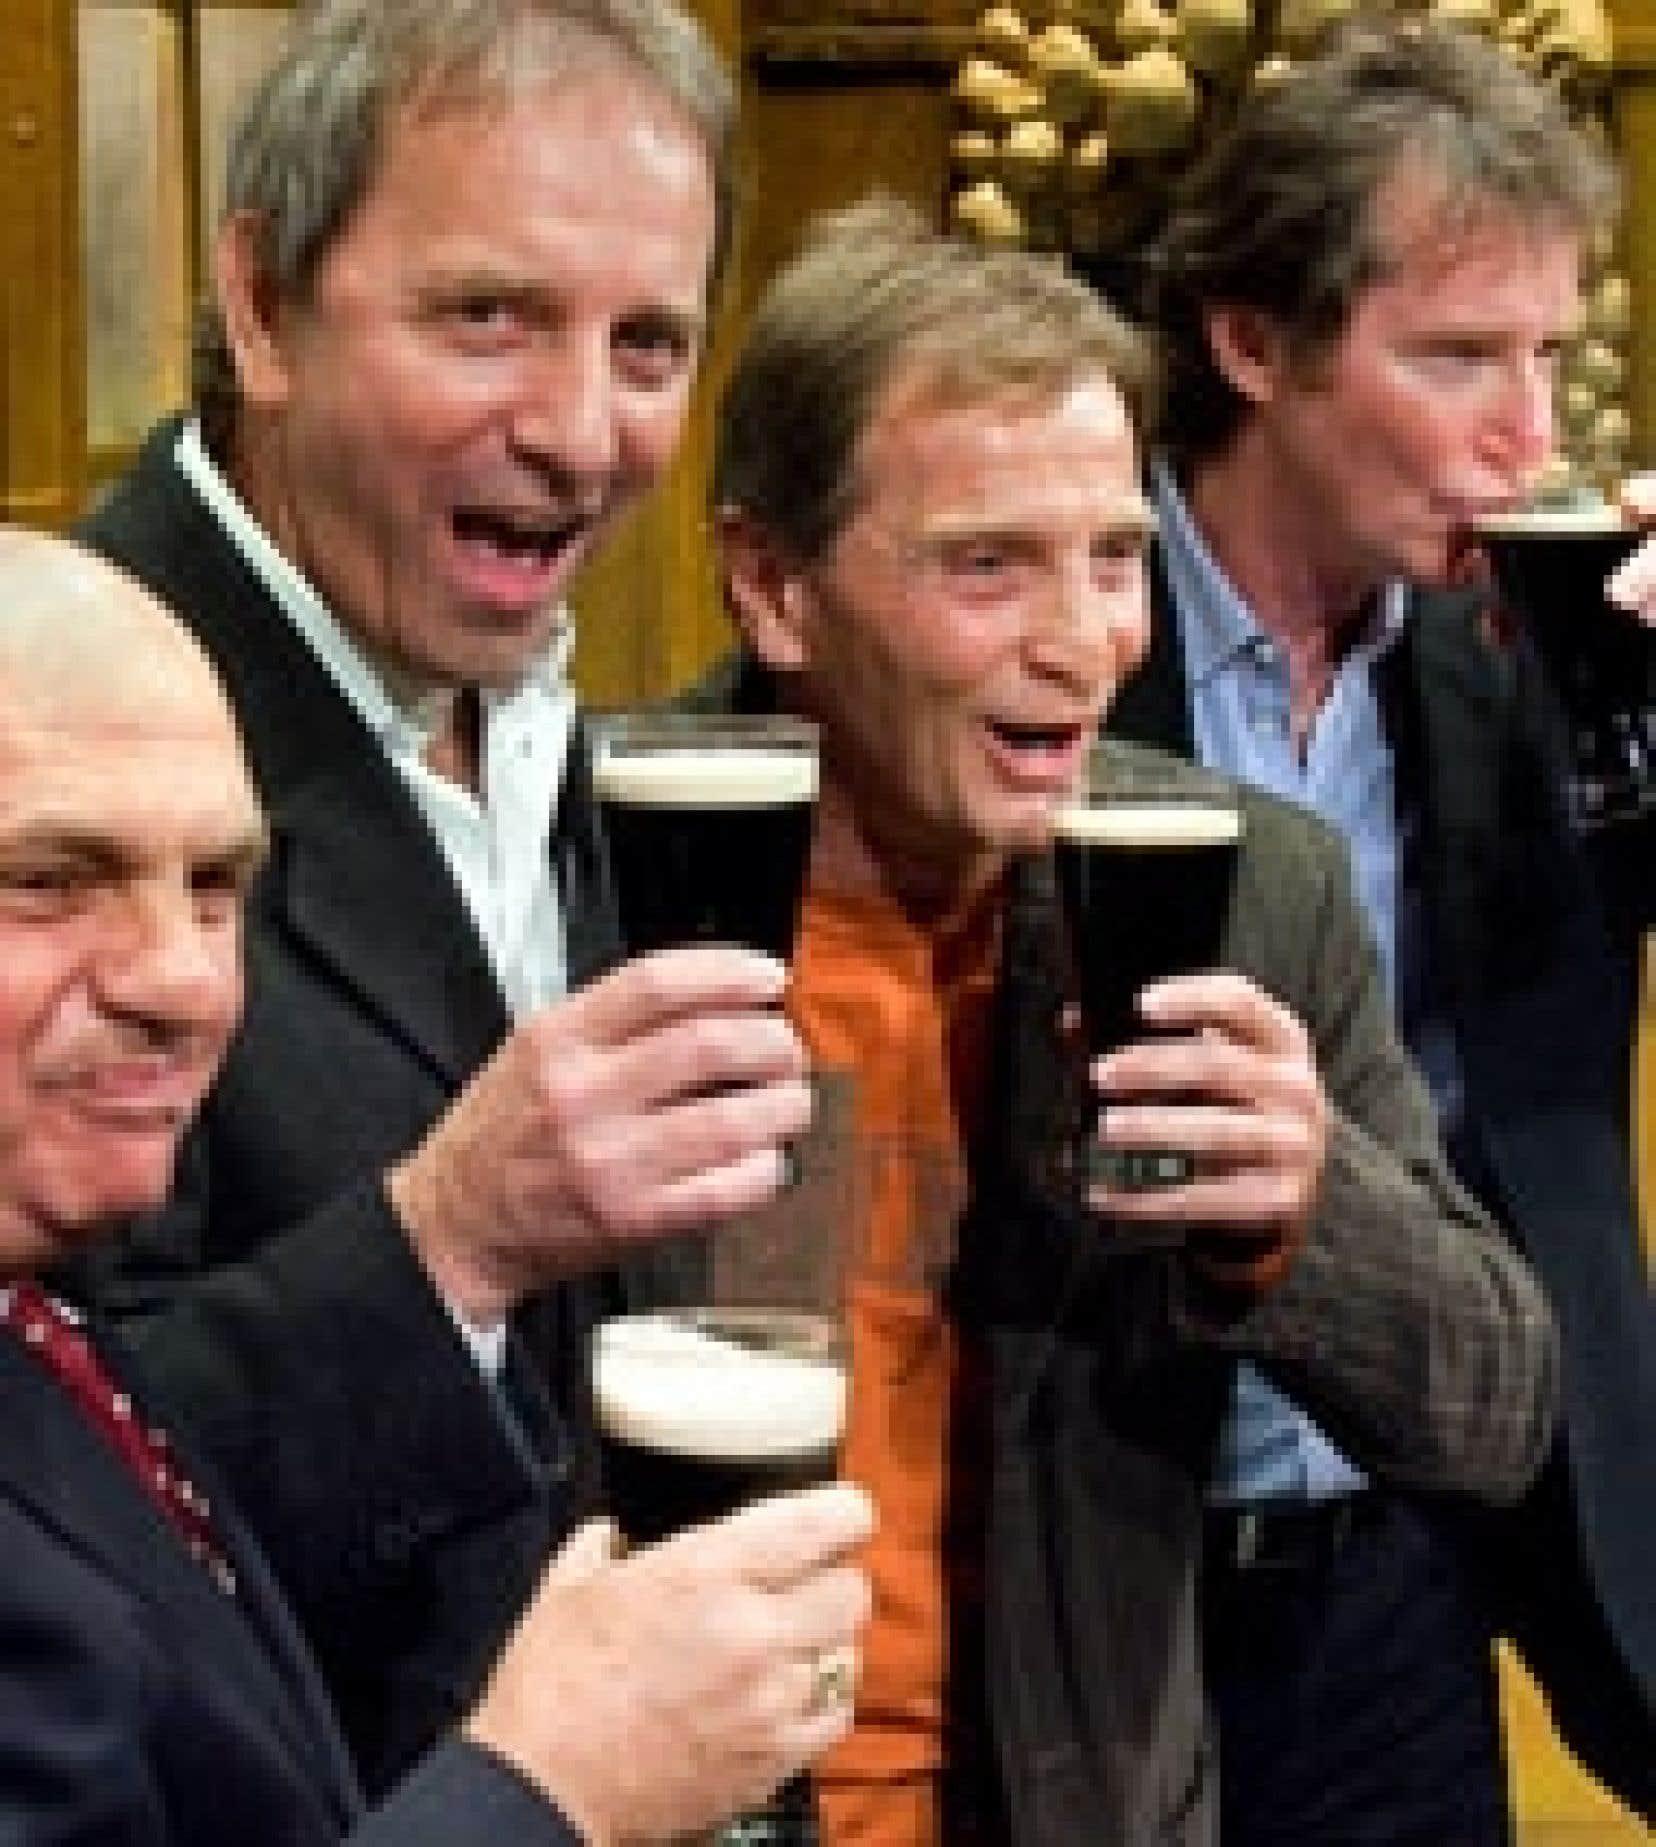 Michel Côté, Michel Gauthier et Marc Messier buvaient de la bière Guinness en compagnie de Claude Charron (à gauche) pour célébrer leur mention dans le livre des records Guinness.